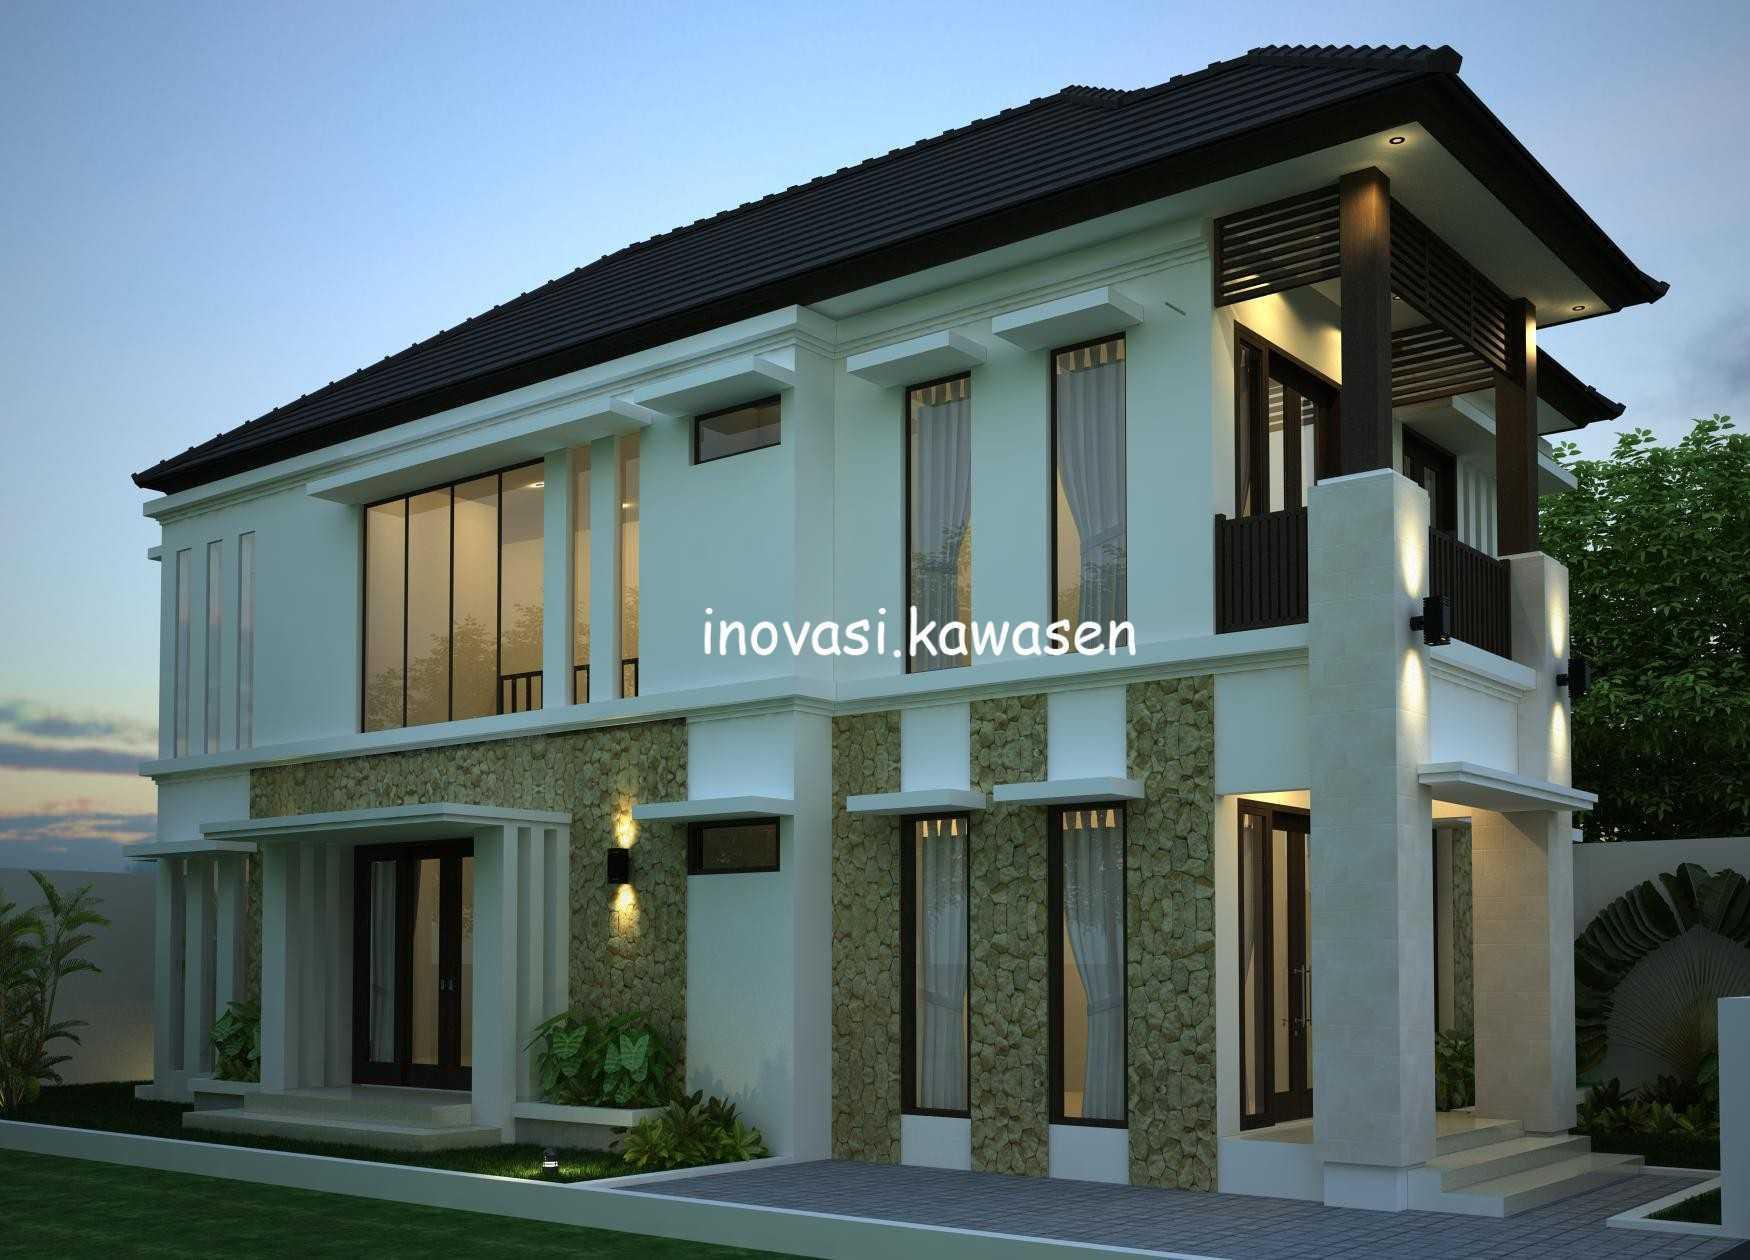 Inovasi Kawasen Rumah Tinggal Ibu Intan Jakarta, Daerah Khusus Ibukota Jakarta, Indonesia Jakarta, Daerah Khusus Ibukota Jakarta, Indonesia Inovasi-Kawasen-Rumah-Tinggal-Ibu-Intan  89852